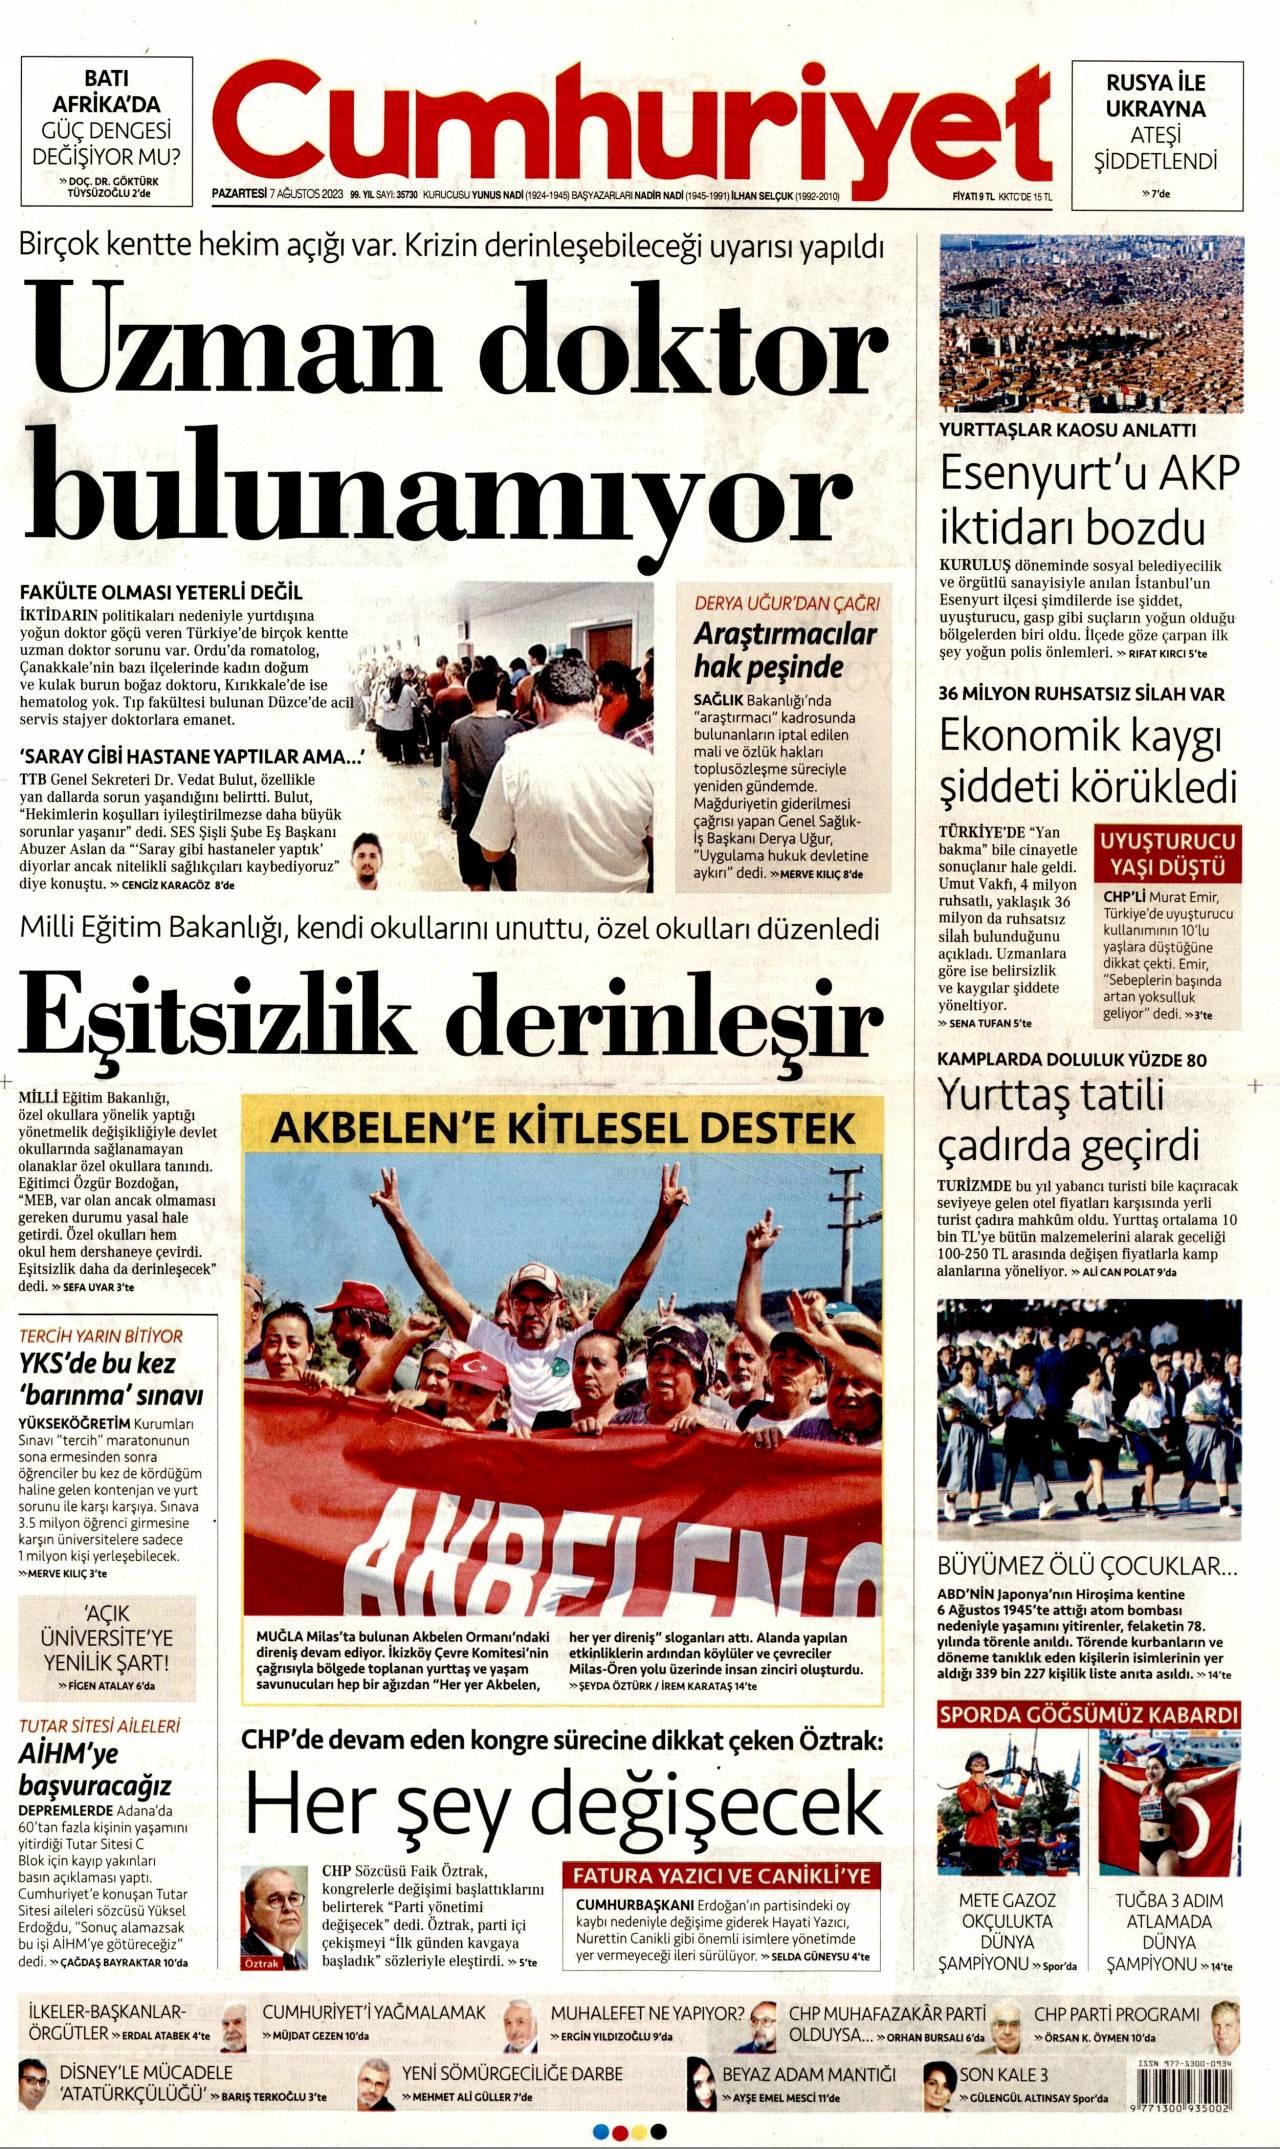 27 Ocak 2021, Çarşamba cumhuriyet Gazetesi